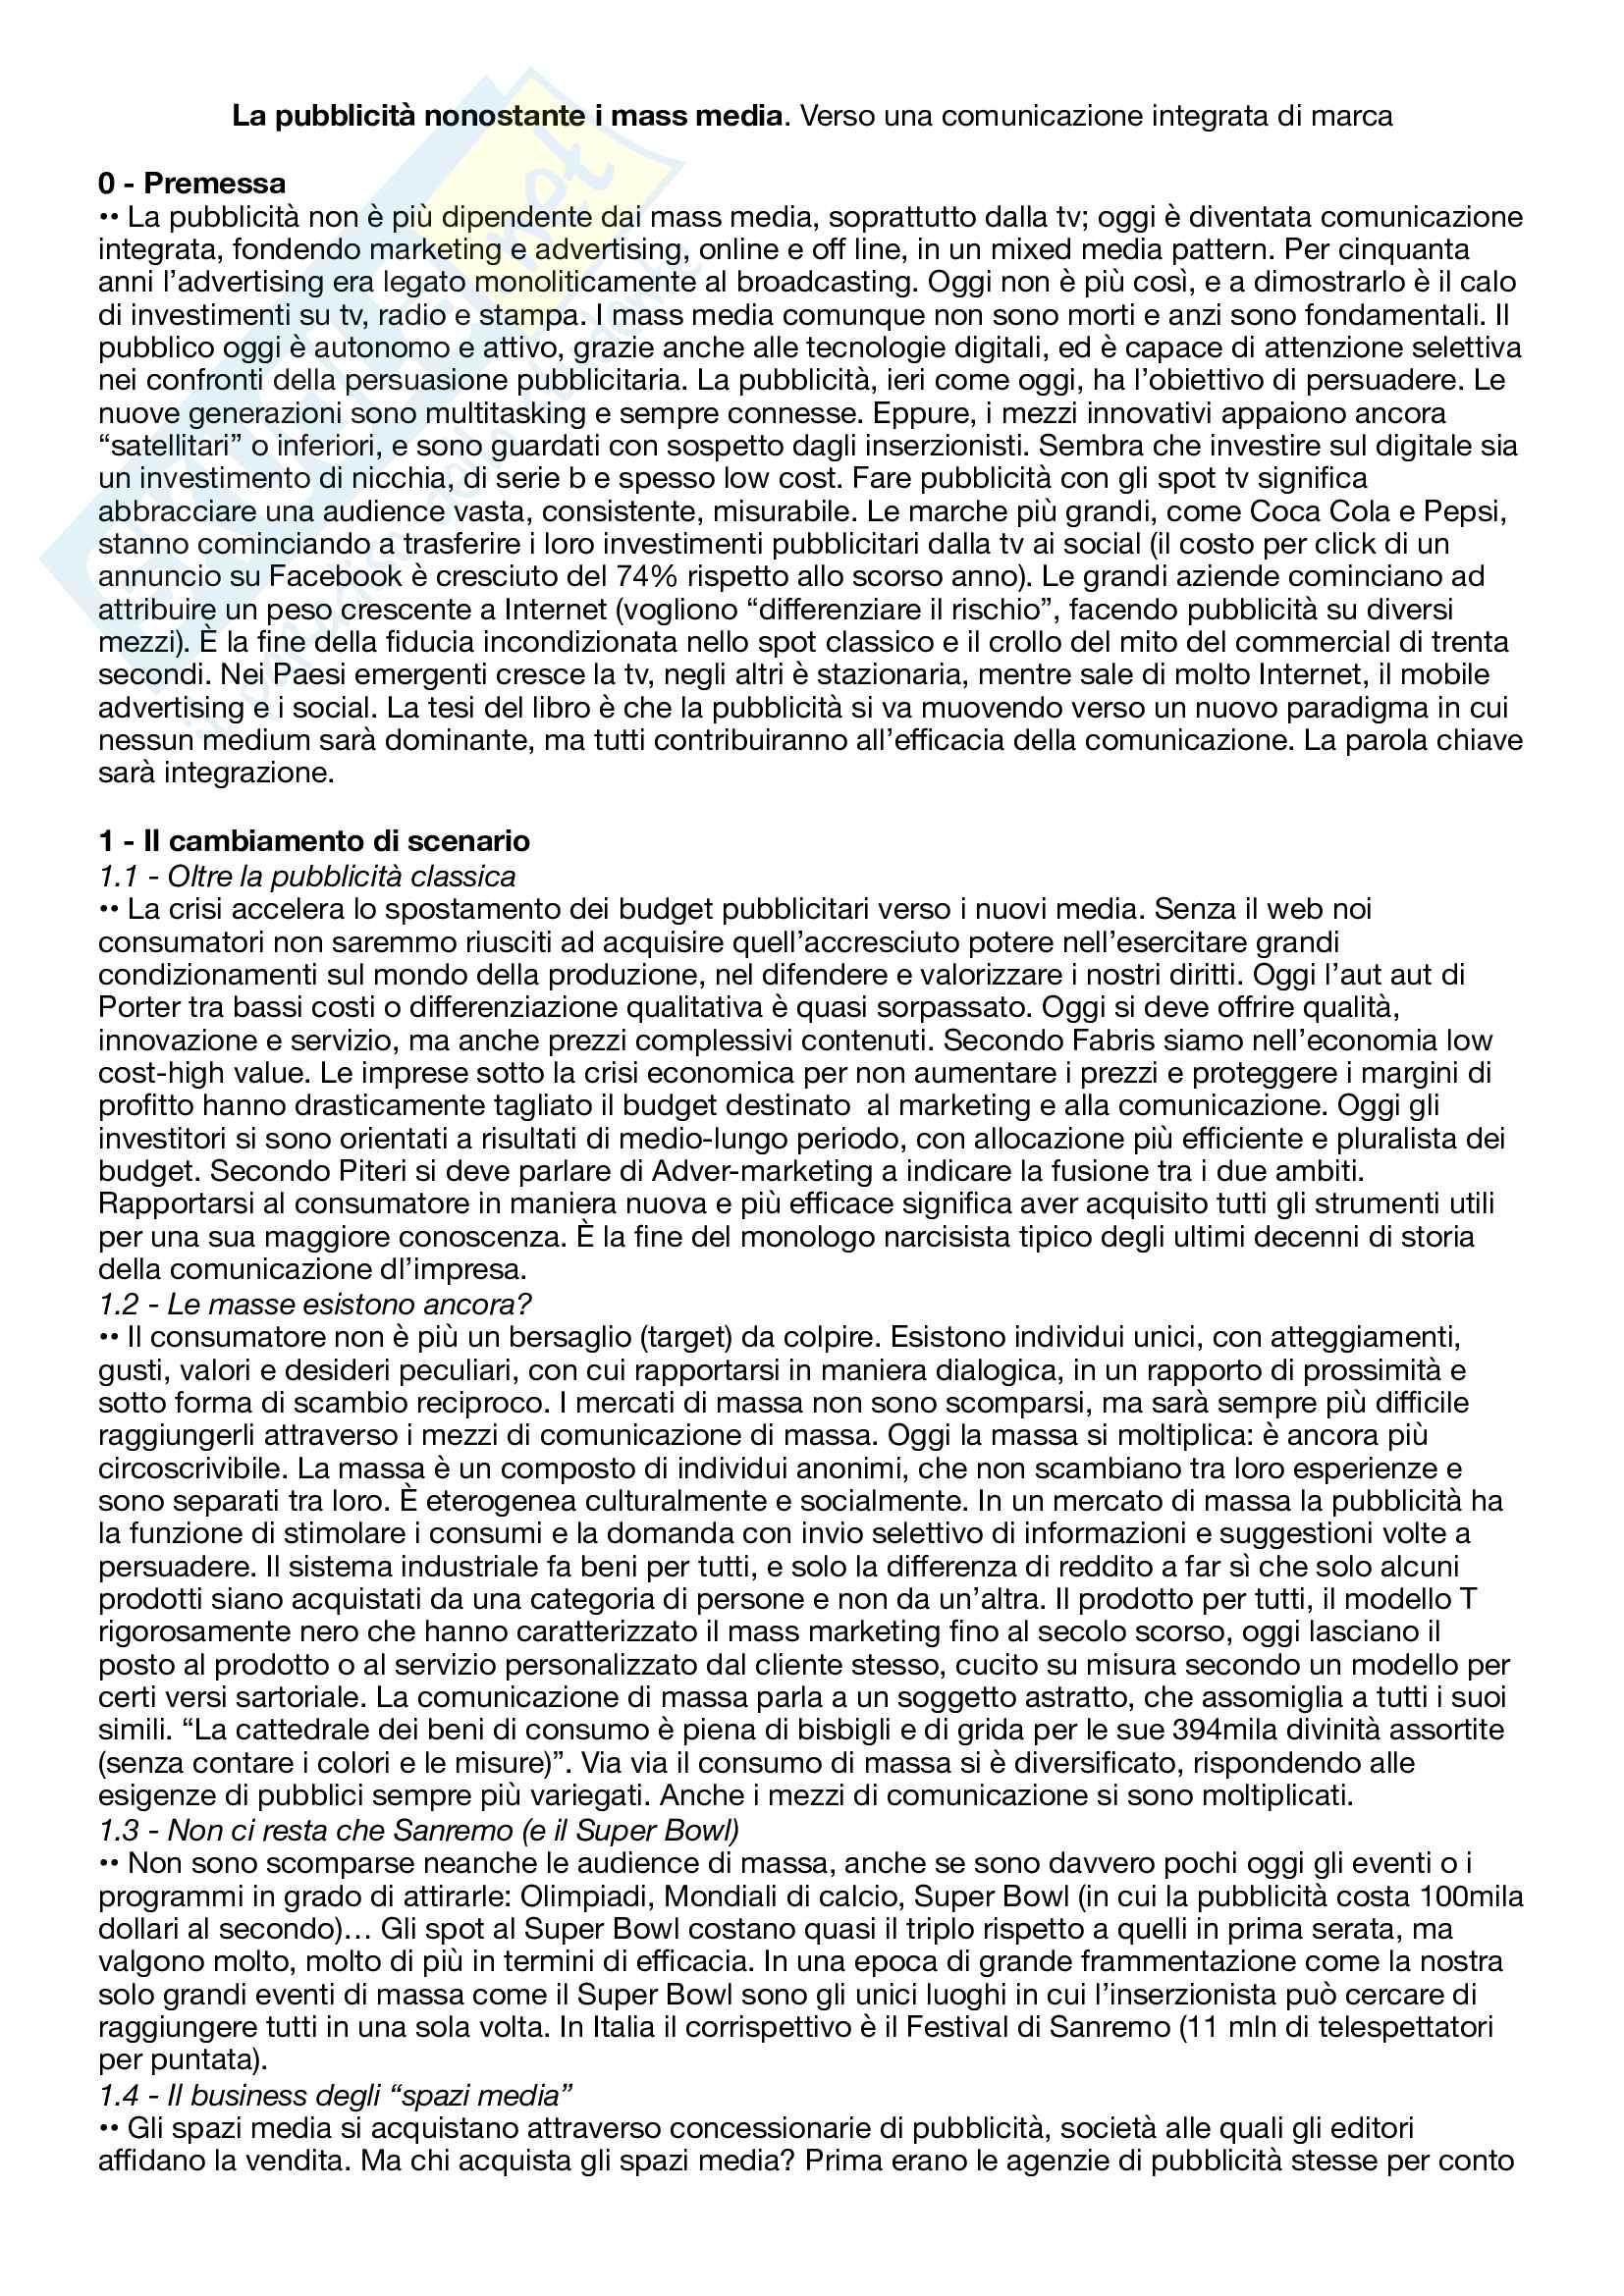 Riassunto esame Pubblicità e strategie di comunicazione integrata, prof. Panarese, libro consigliato La pubblicita' nonostante i mass media - Verso una comunicazione integrata di marca